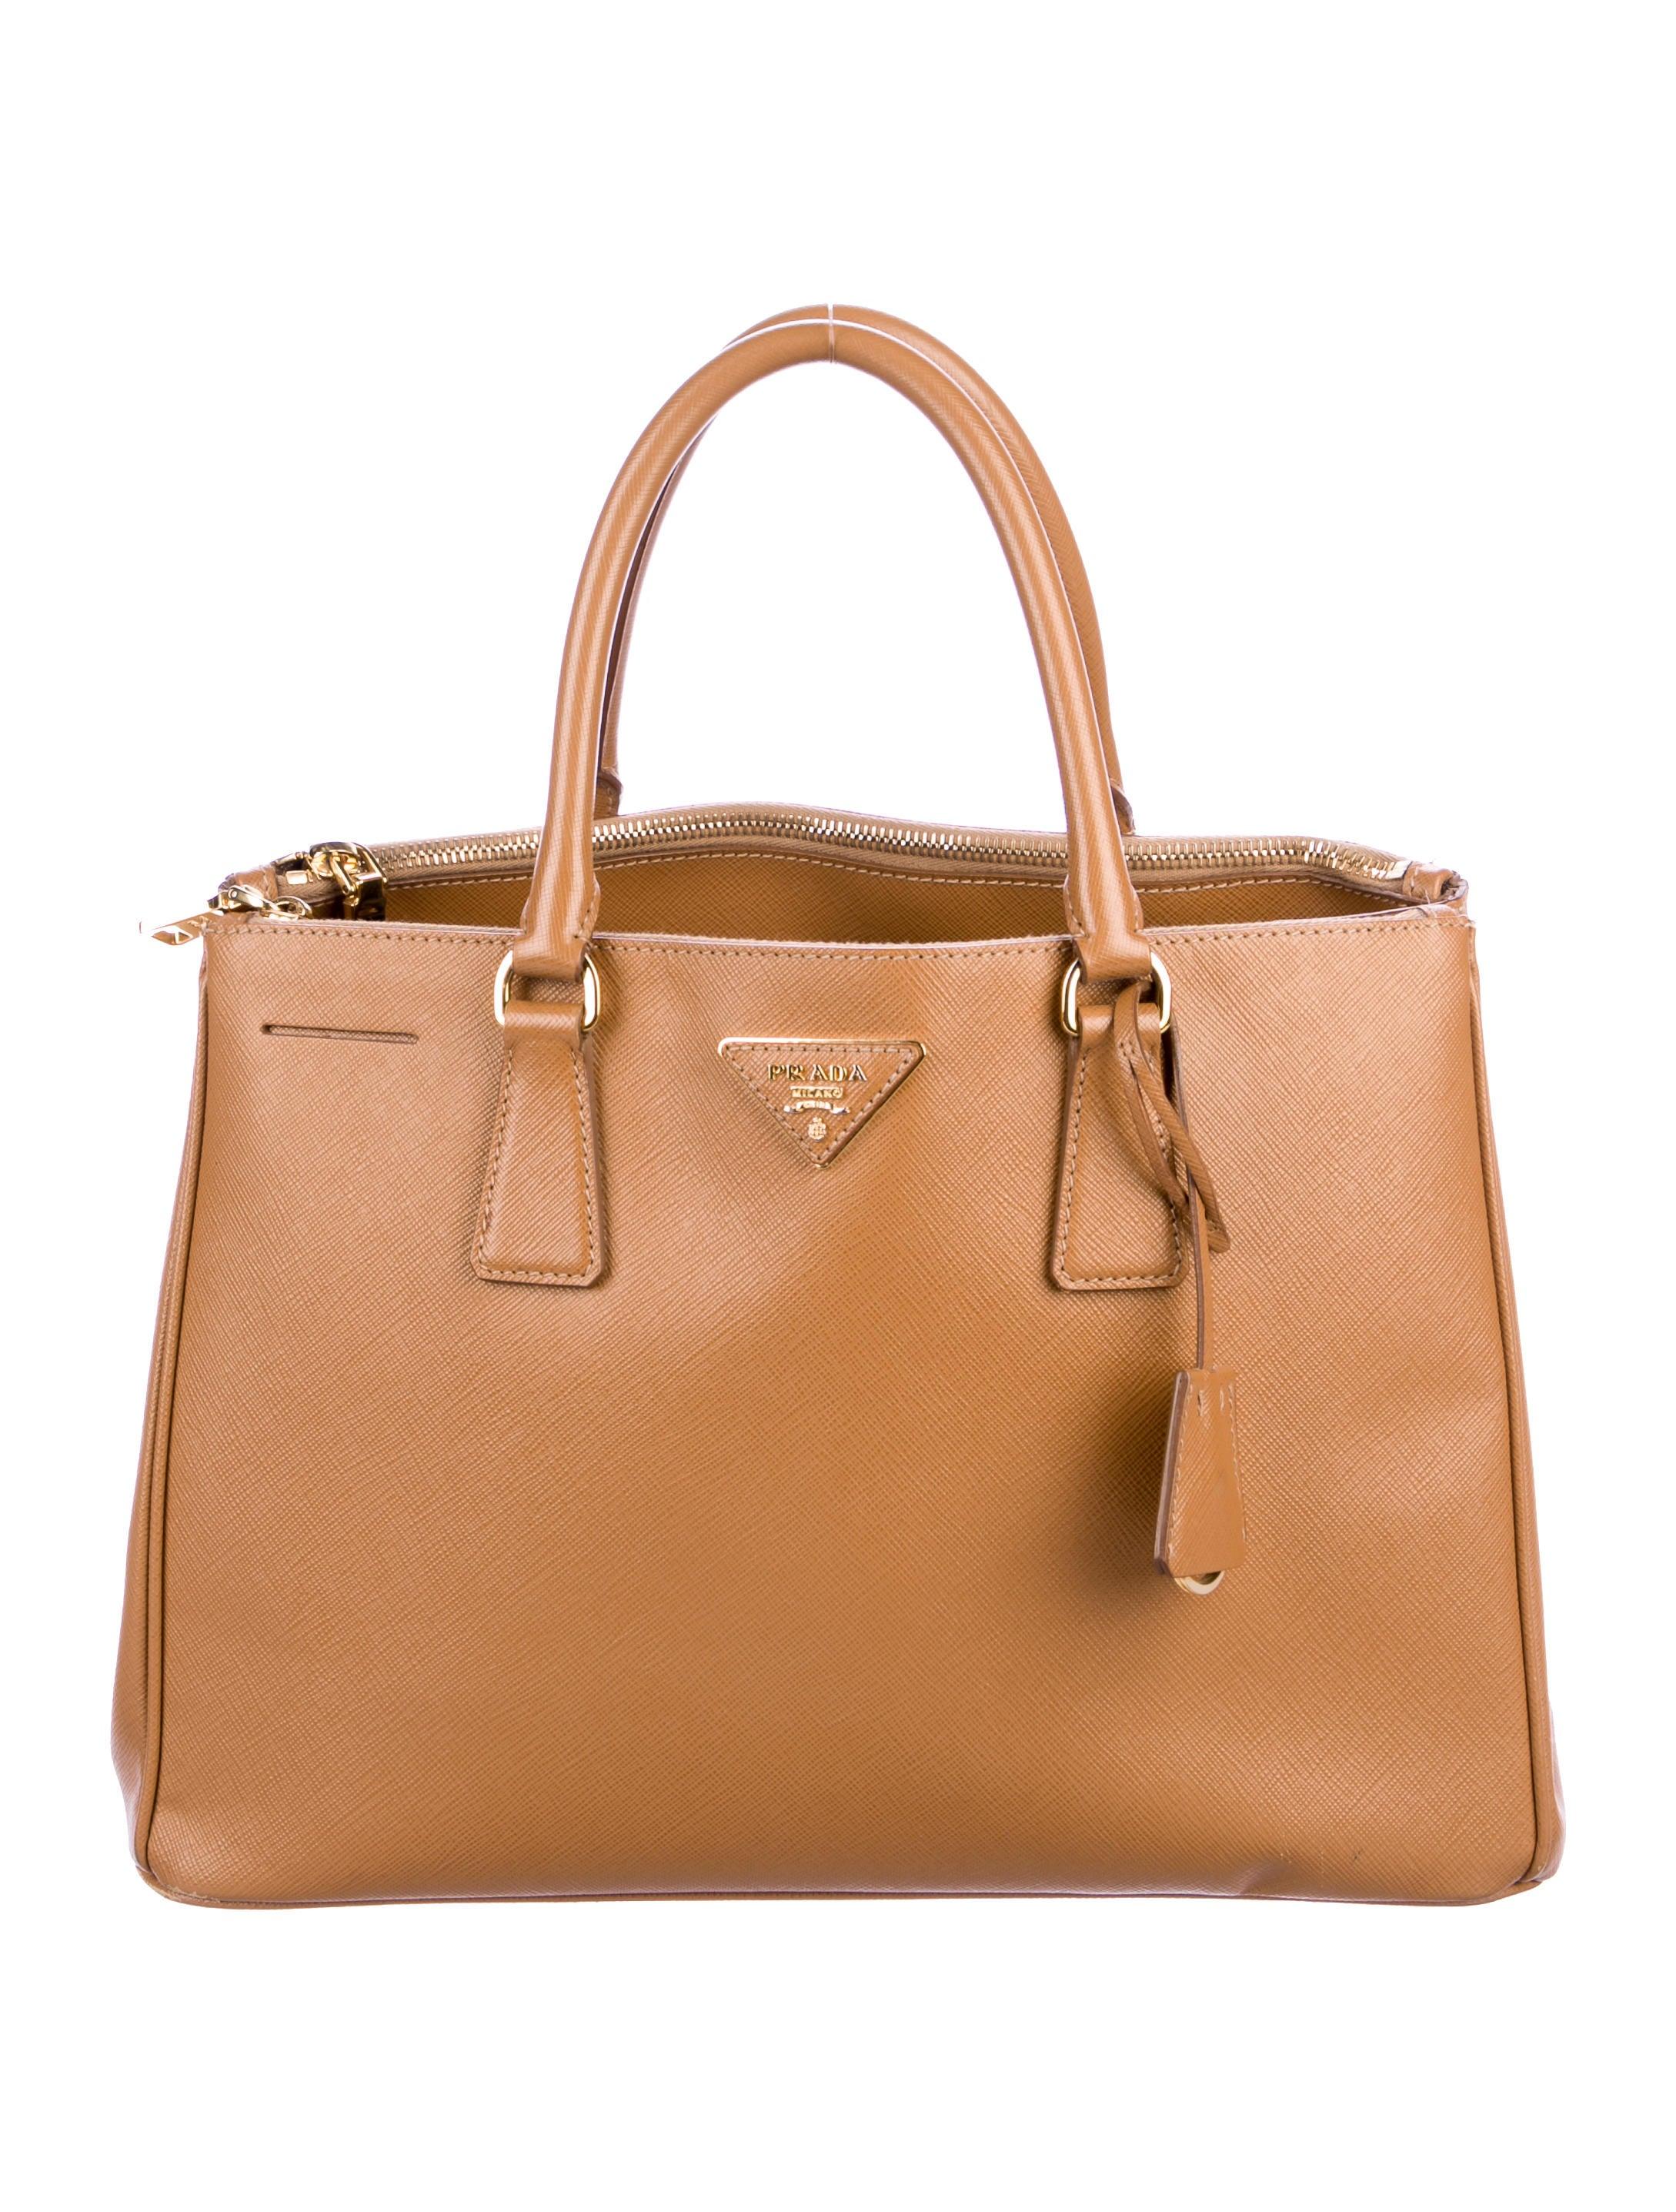 f7d16768faec Prada Medium Saffiano Lux Galleria Double Zip Tote - Handbags ...